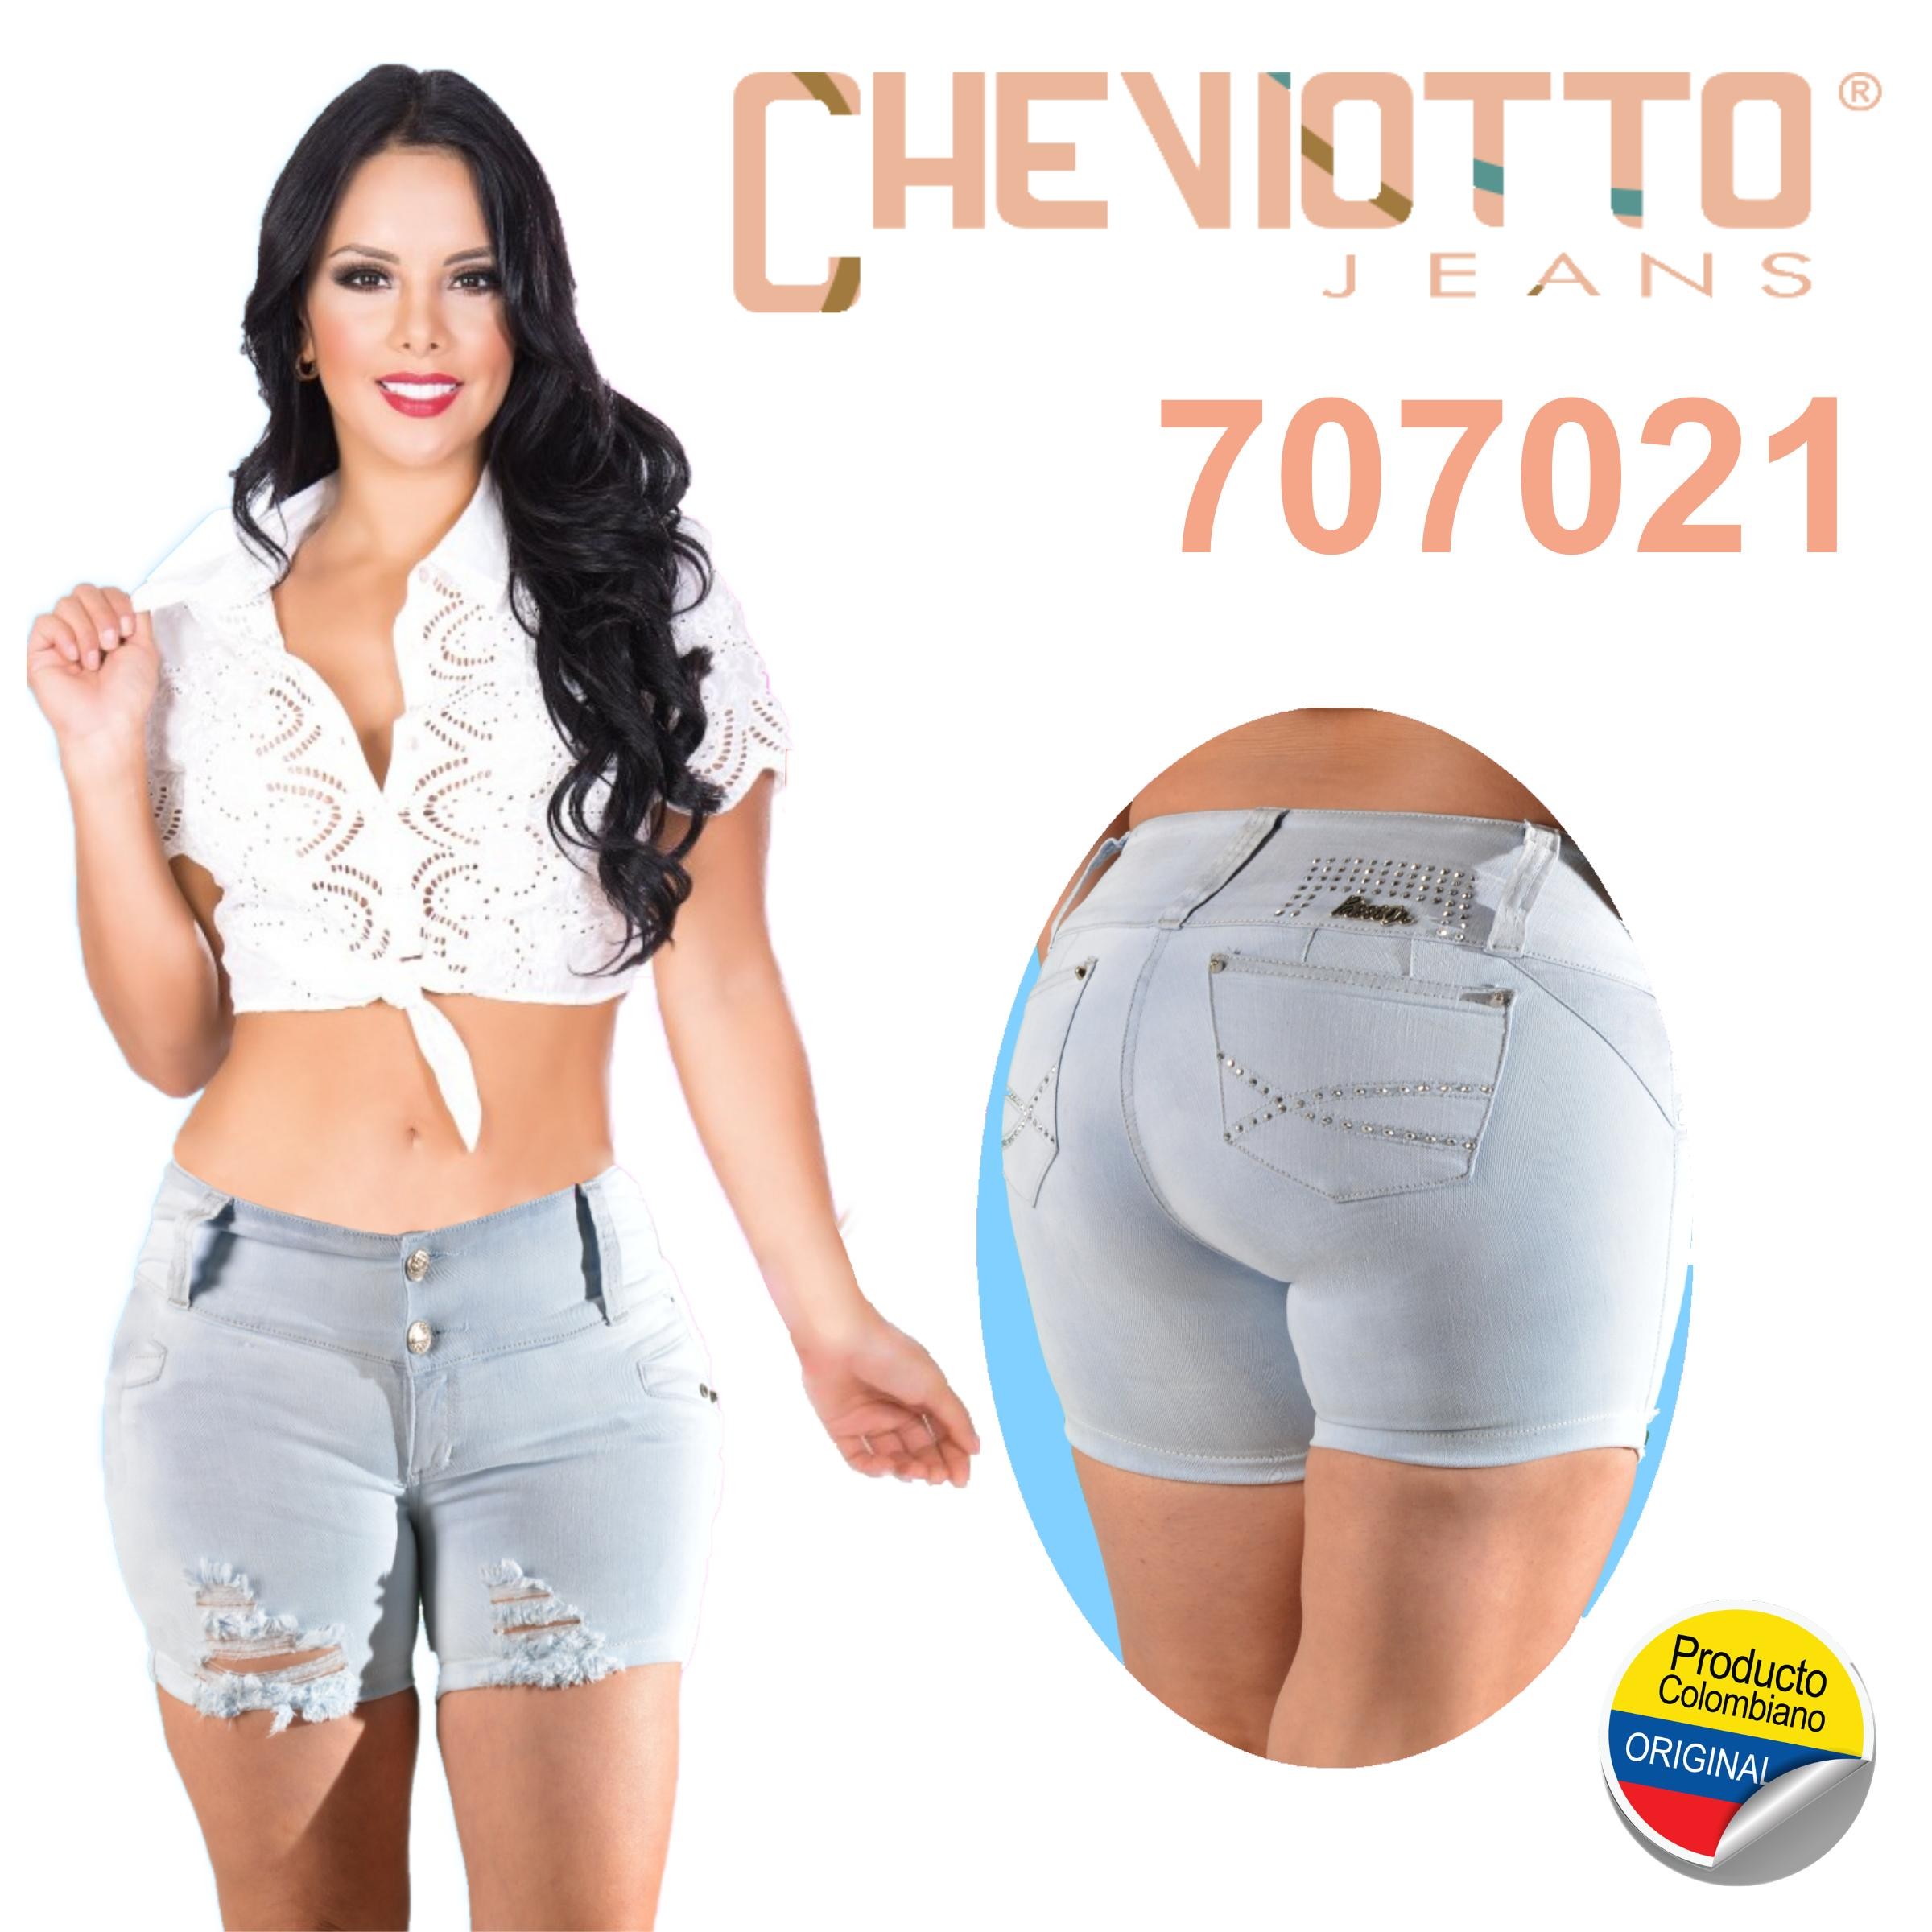 Exclusivo Short Levantacola Colombiano